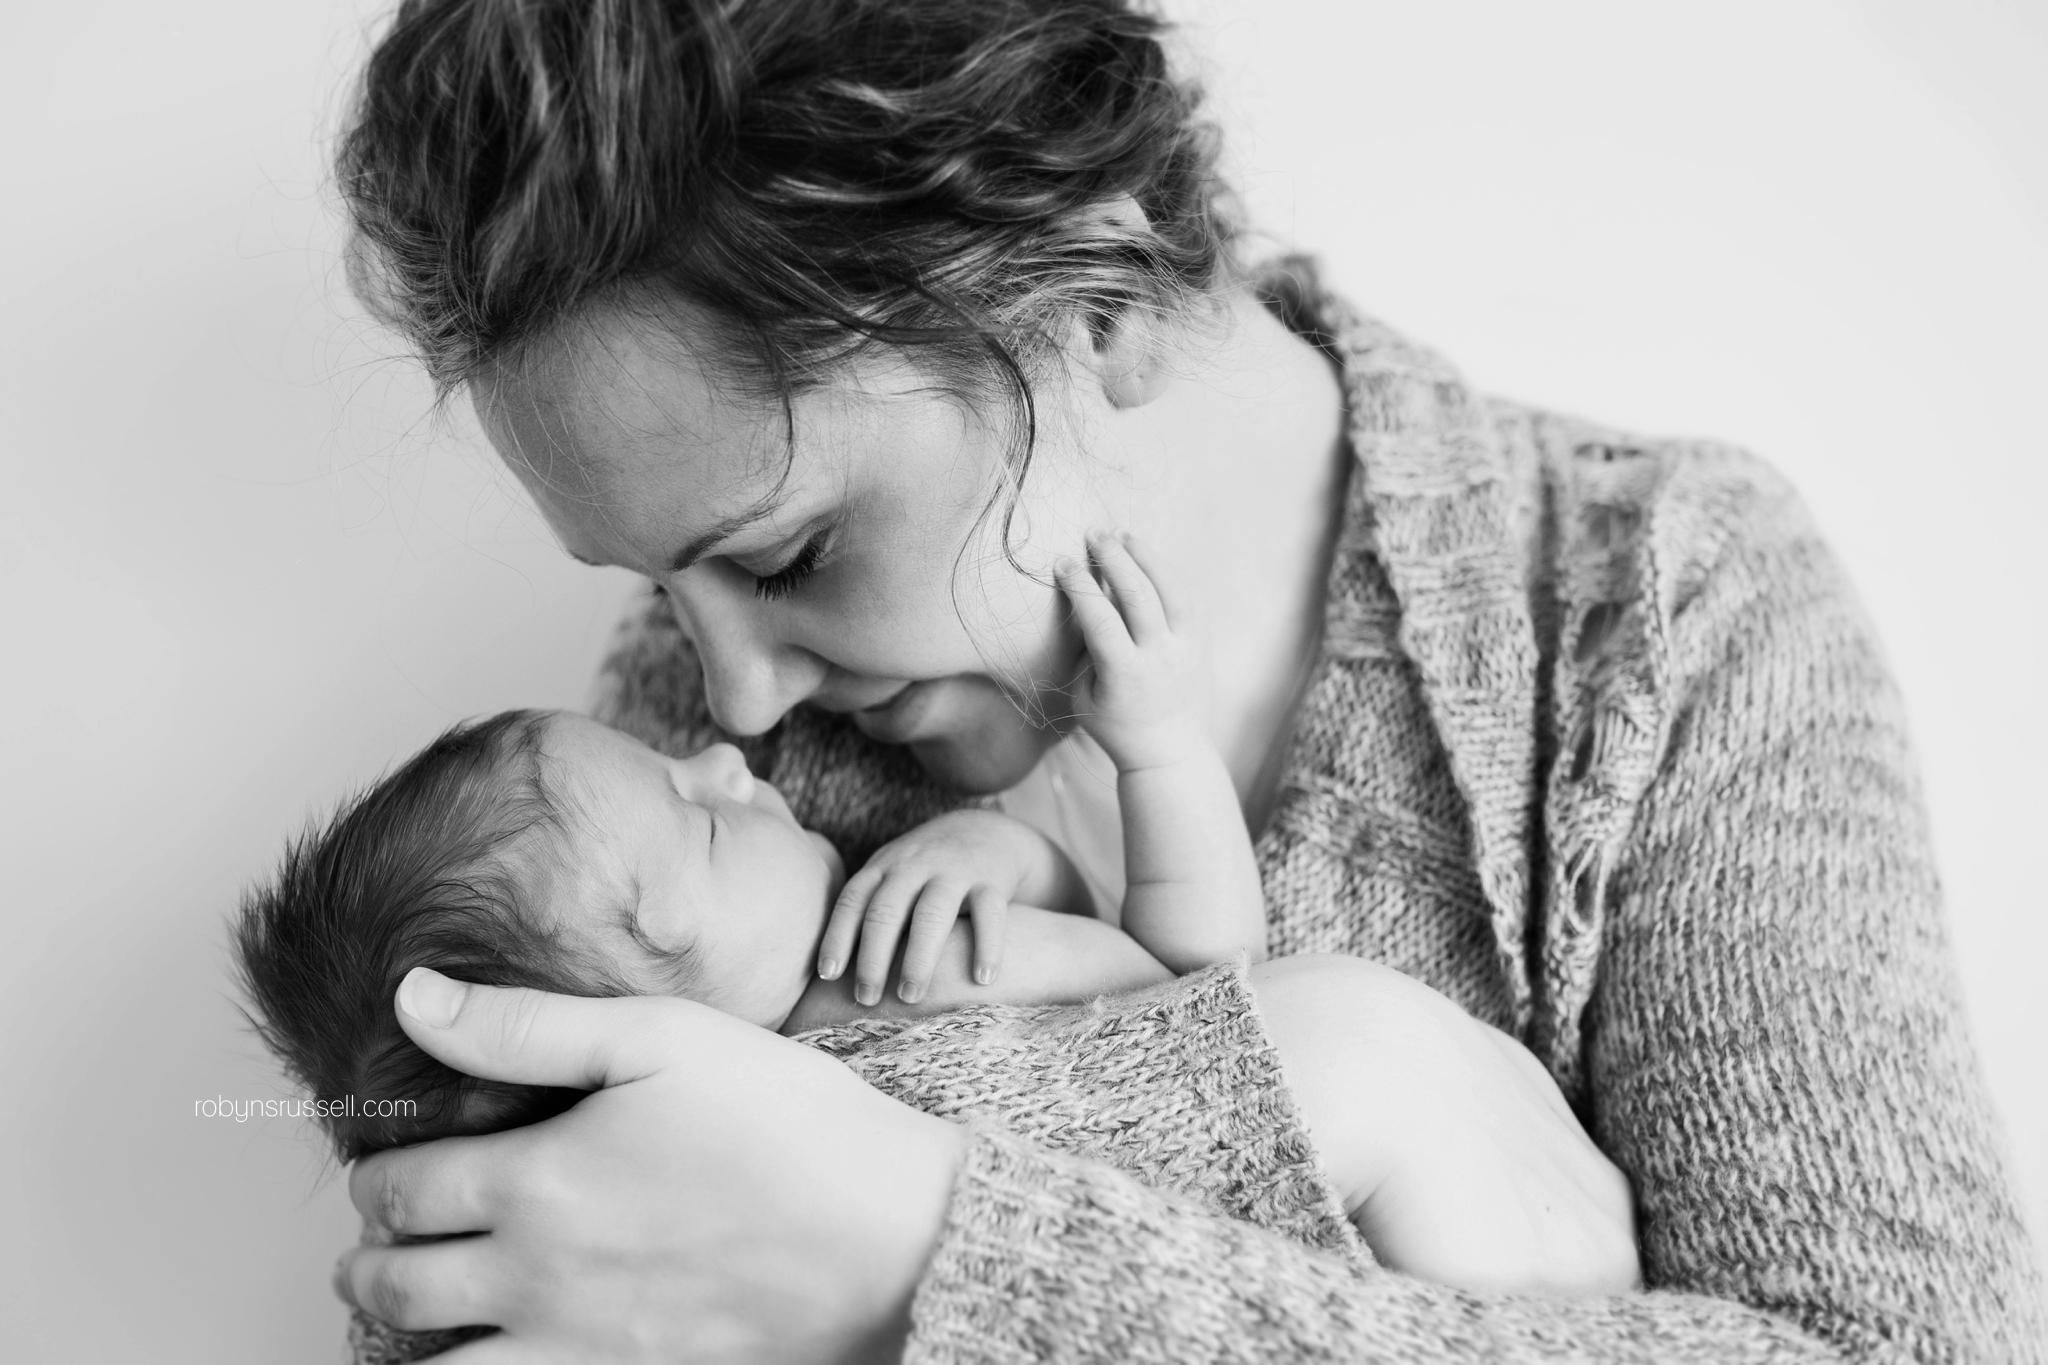 19-tender-moment-baby-and-mommy-burlington-family-photographer.jpg